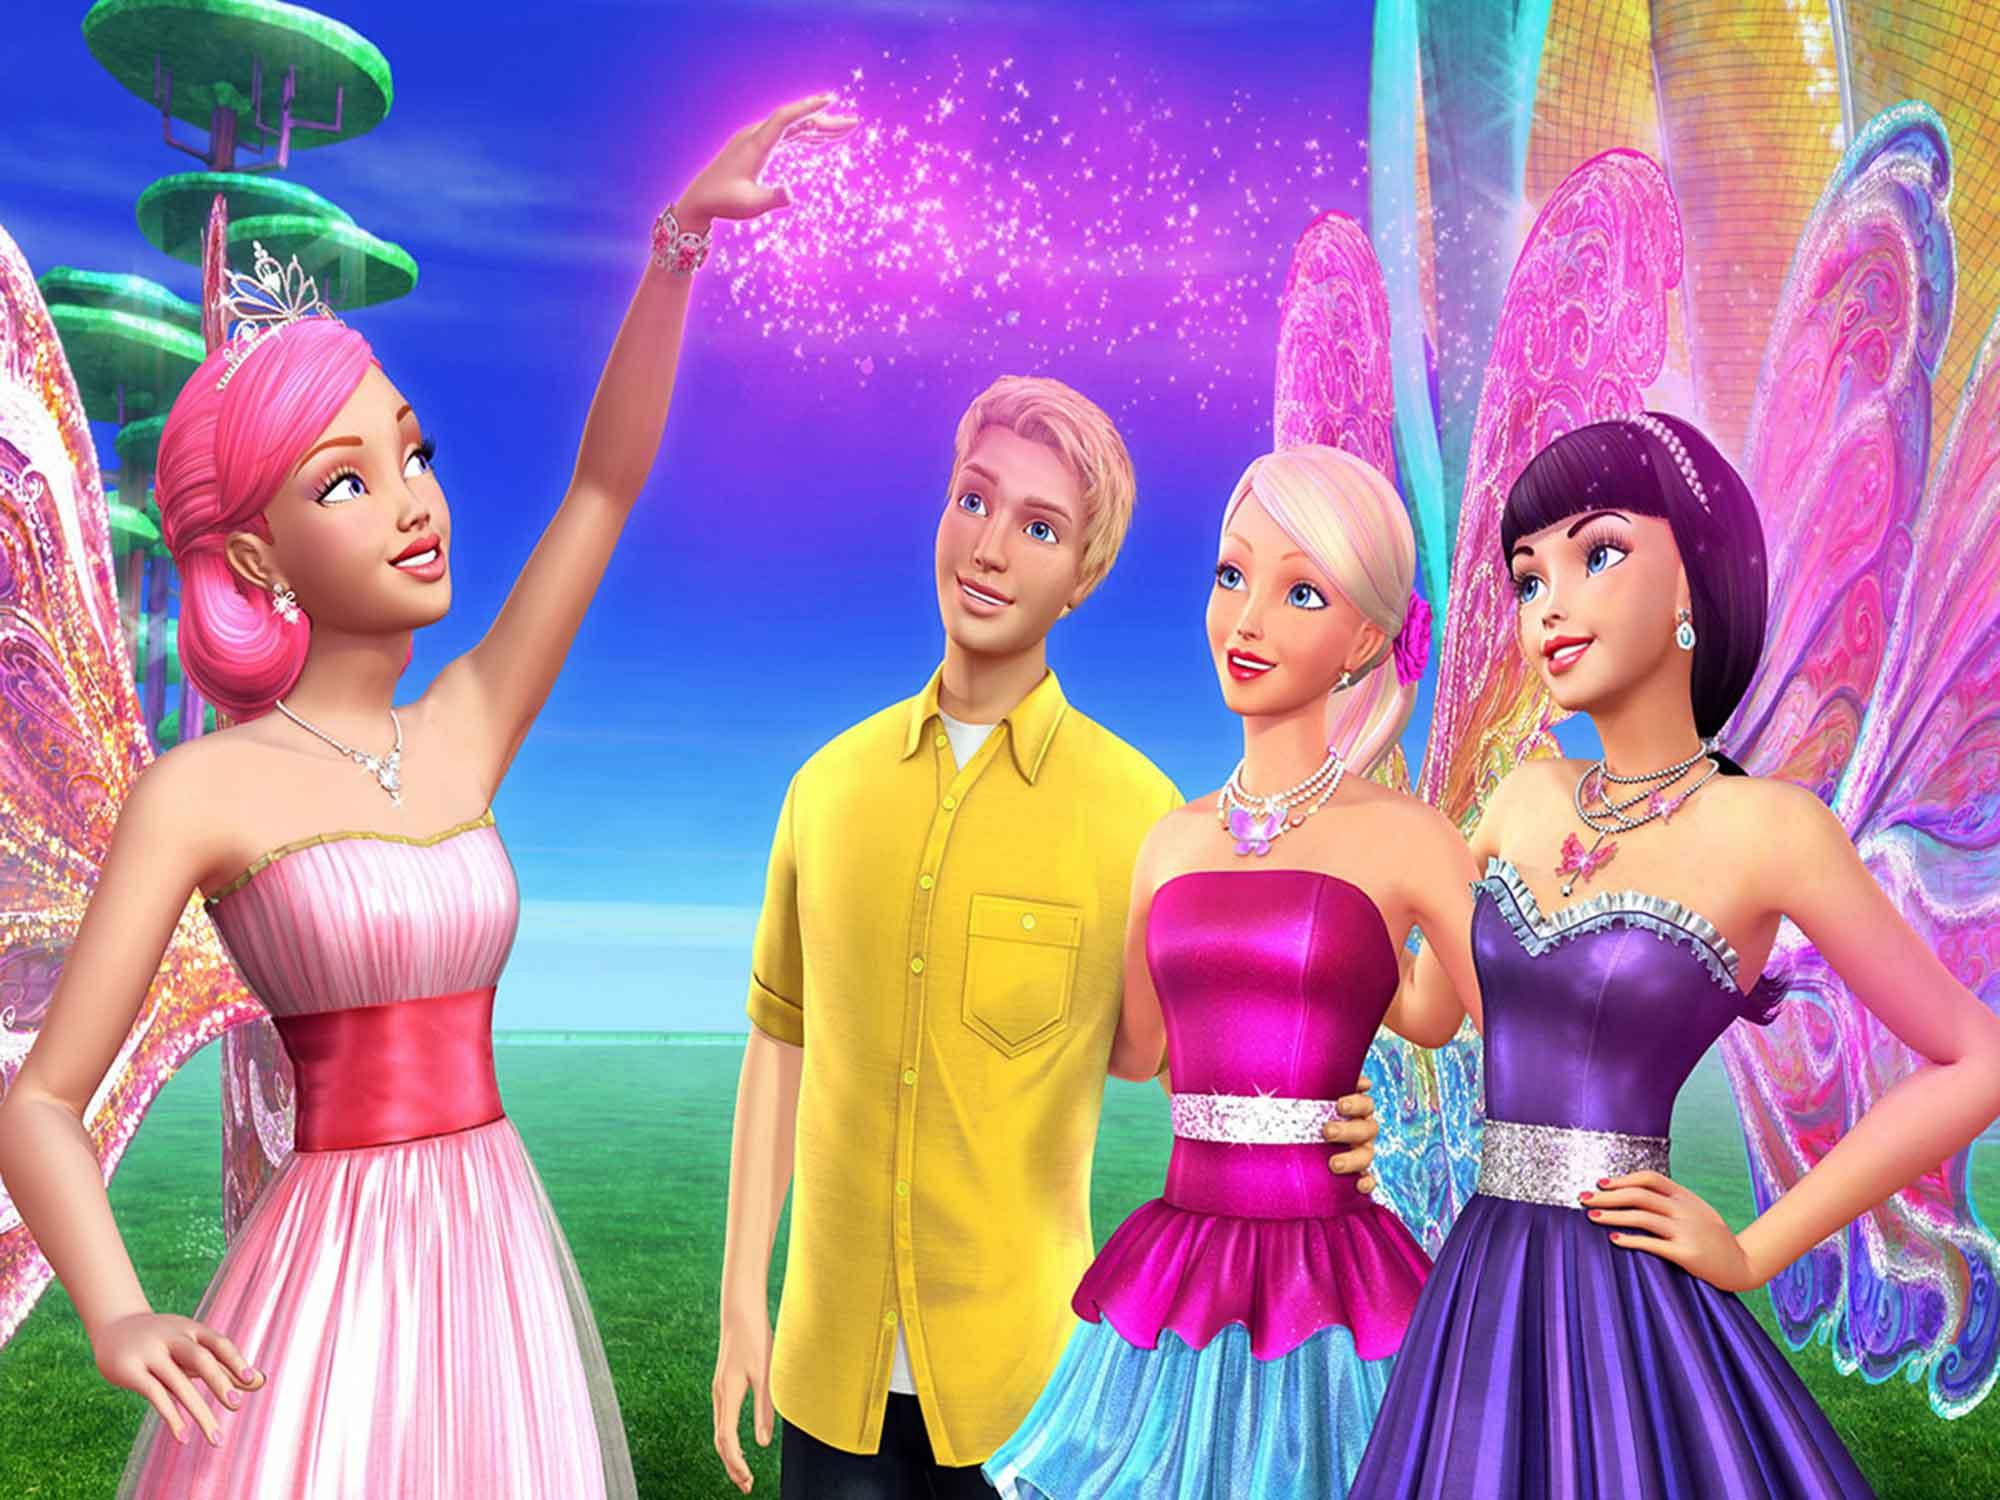 Papel De Parede 3D | Papel de Parede Infantil Barbie 0004 - Sobmedida: m²  - Paredes Decoradas